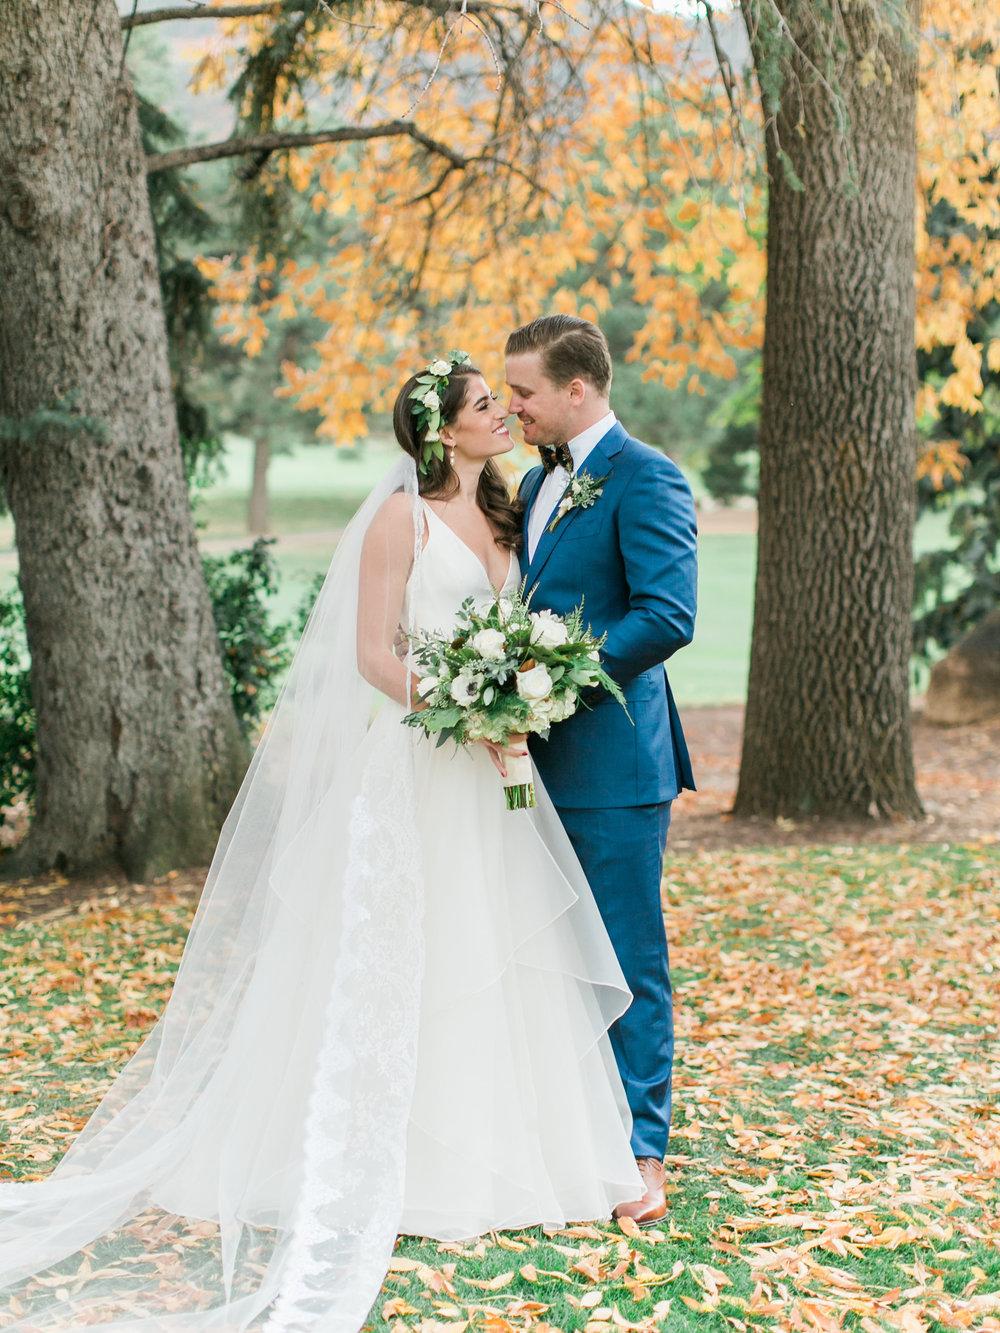 kathleen-patrick-wedding-bride-groom-1.jpg